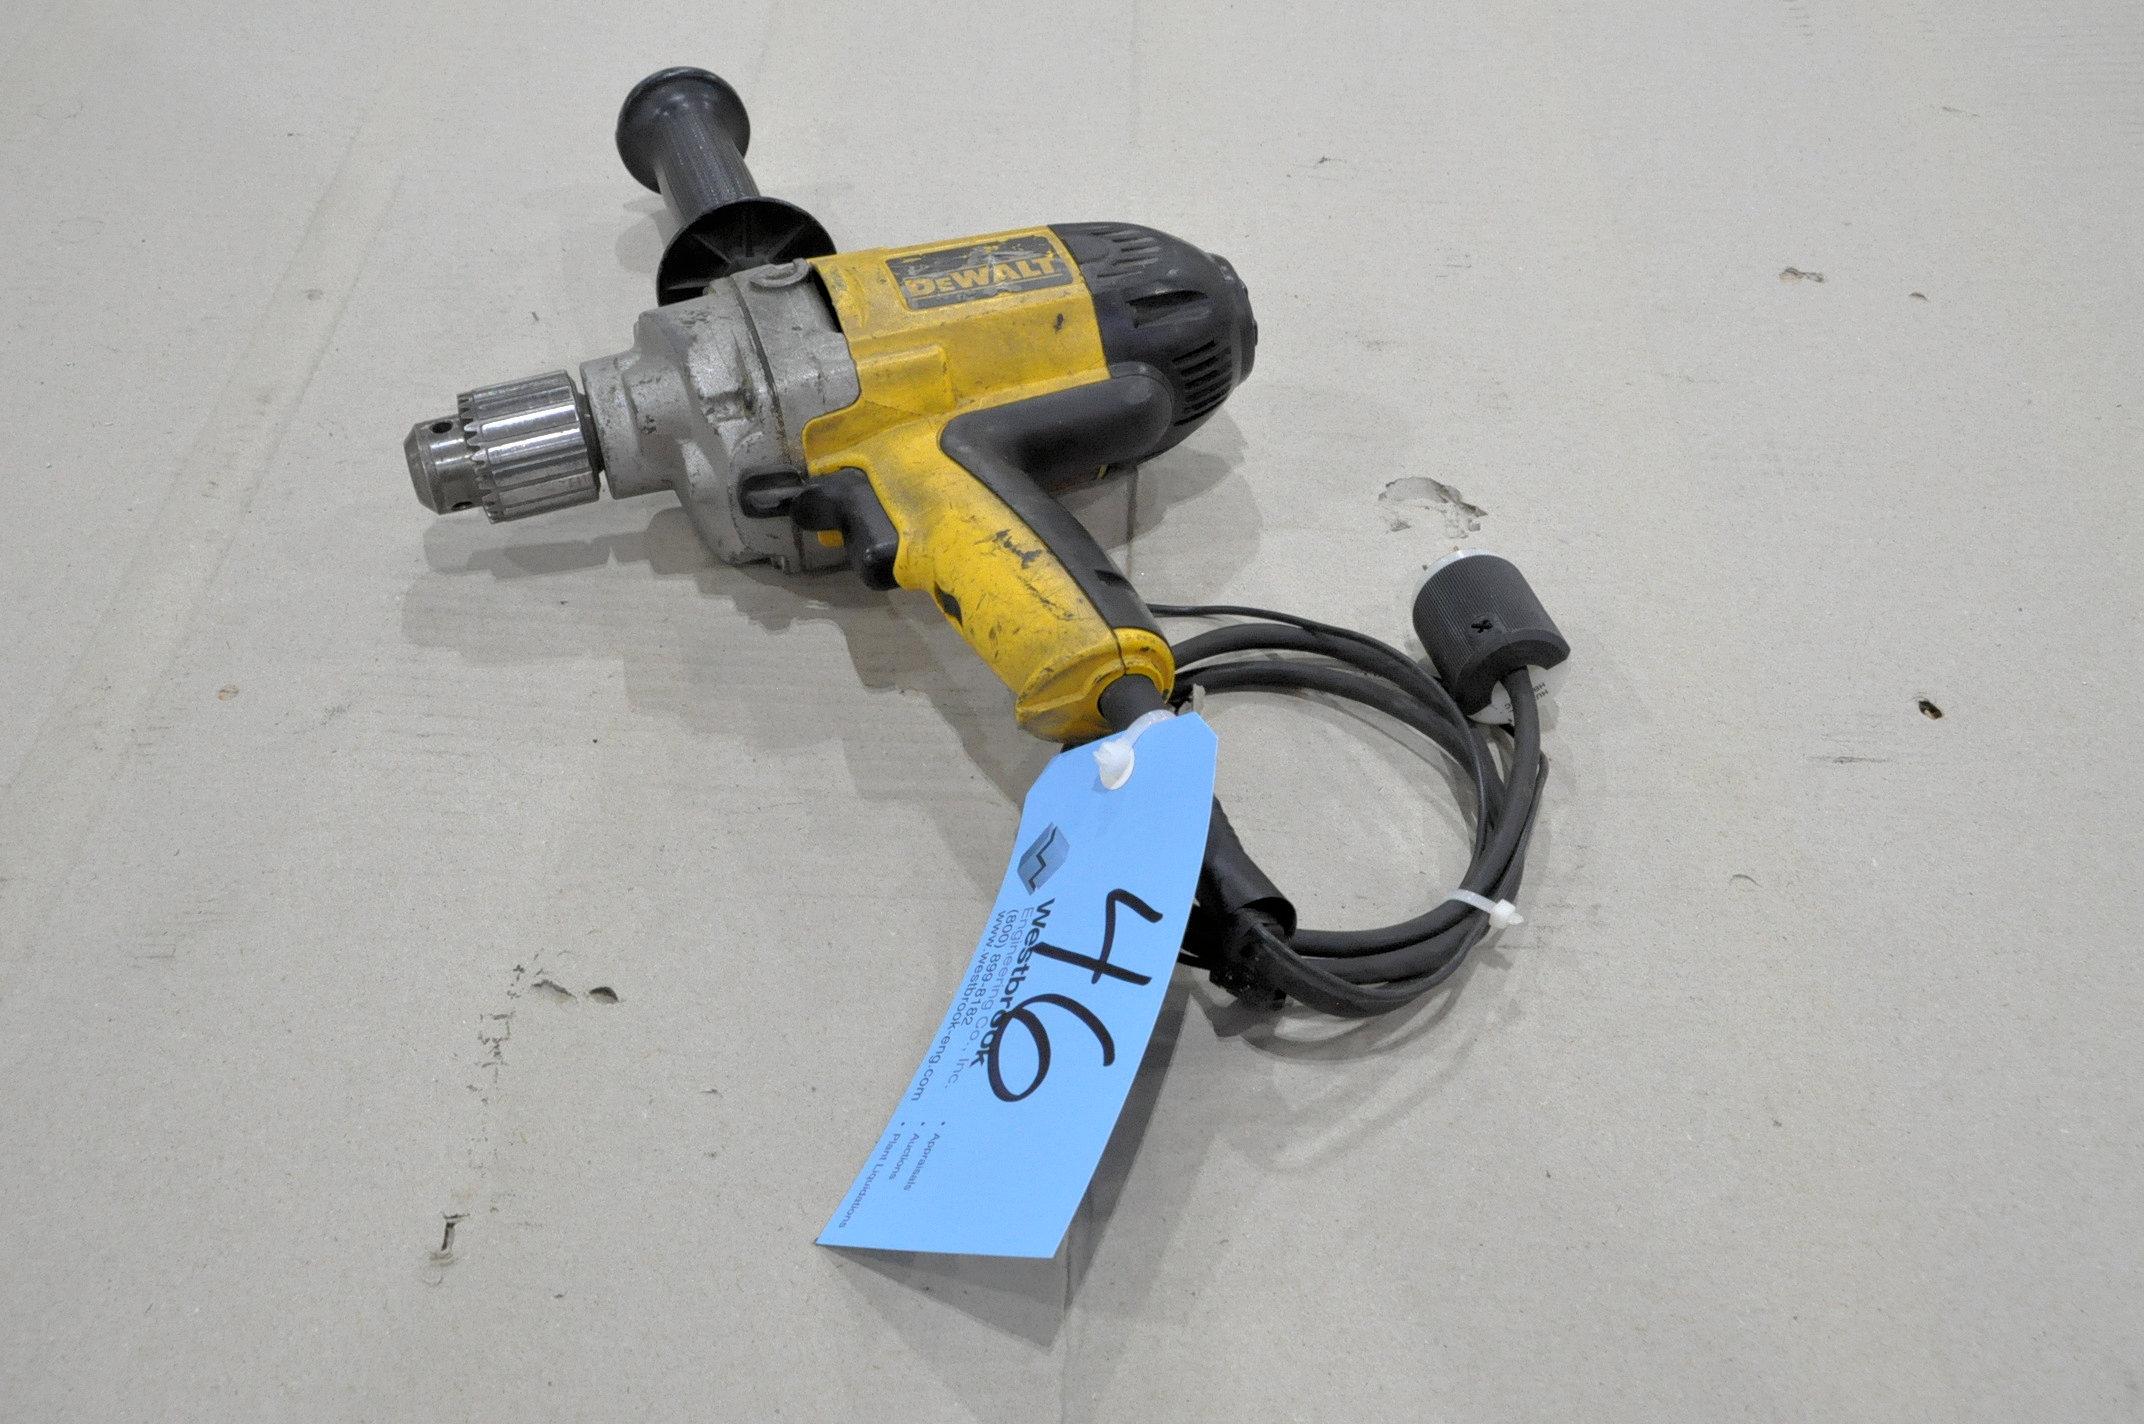 """DeWalt Model 130V, 1/2"""" Variable Speed Drill"""